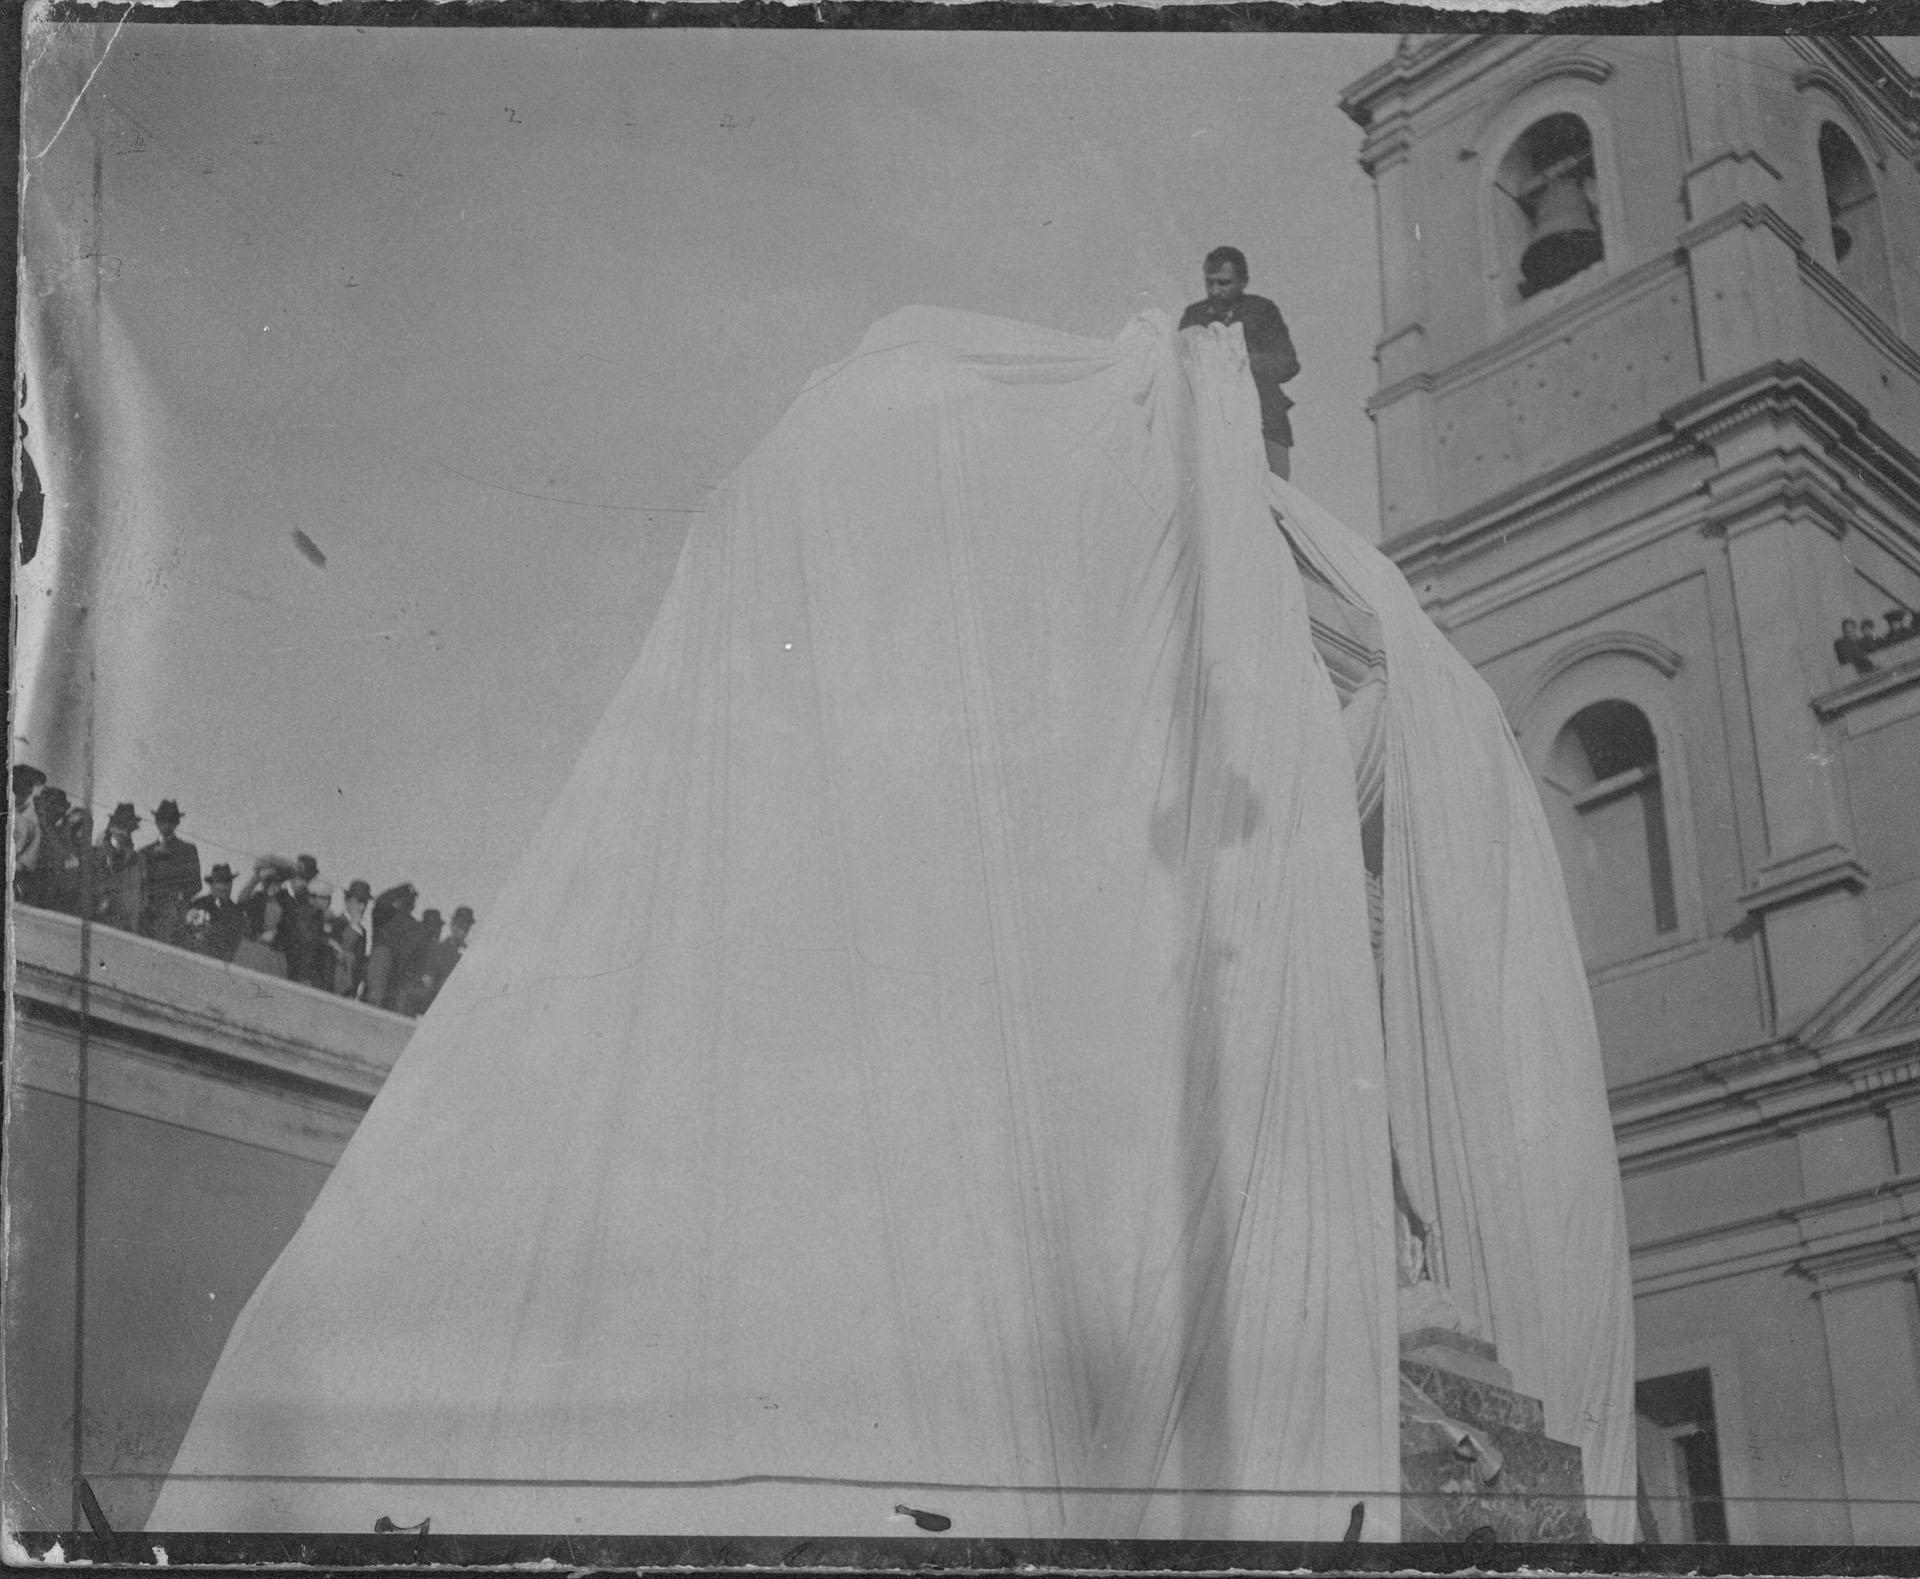 El momento en que se descubren los paños del monumento a Belgrano en la inauguración de su Mausoleo, en junio de 1903 (Archivo General de la Nación)